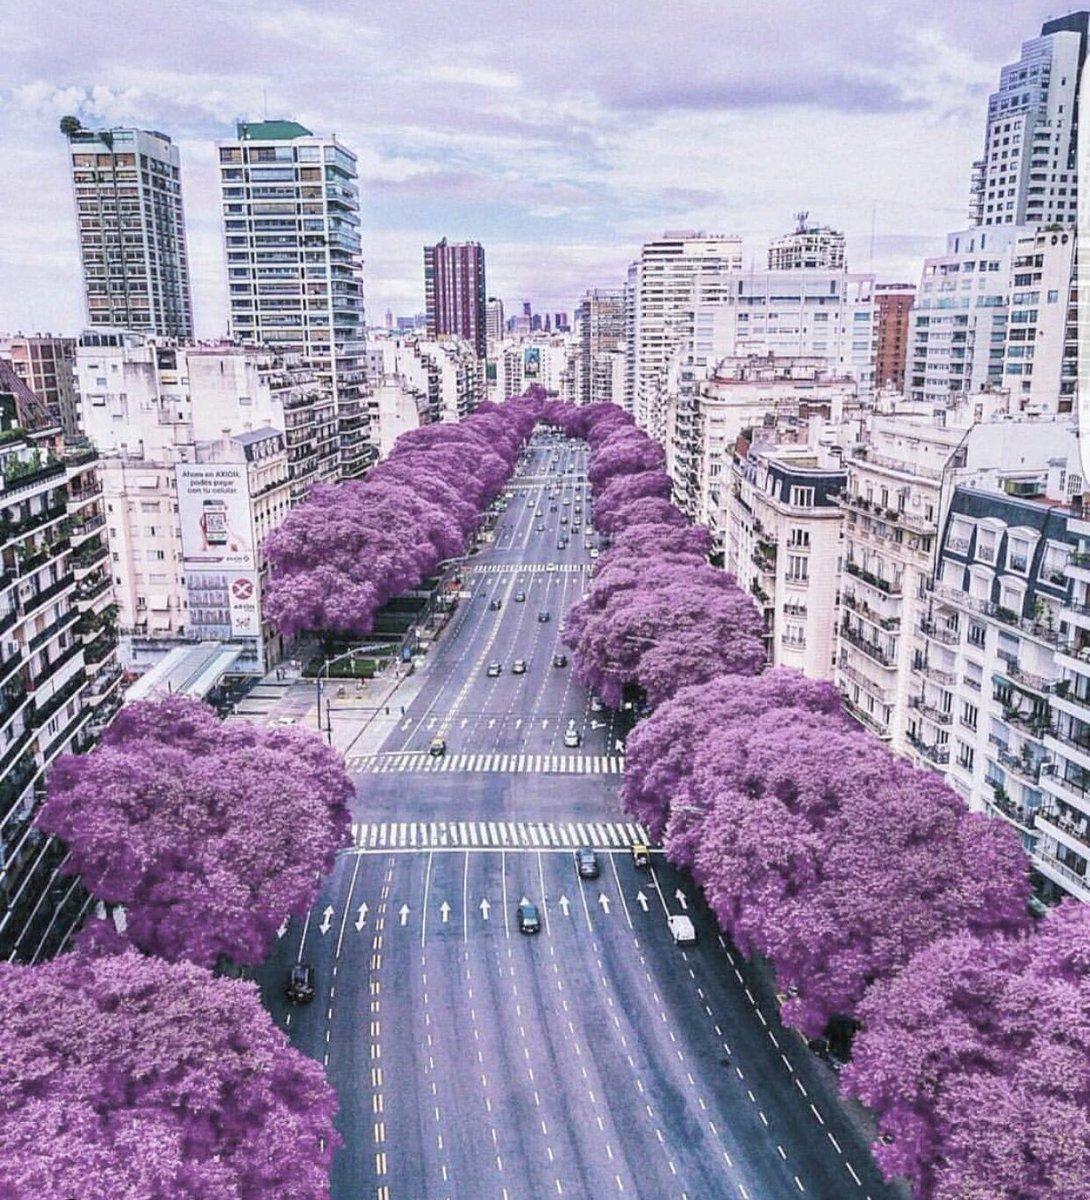 El Jacarandá vuelve a teñir de violeta las calles y hogares del país    Infocampo